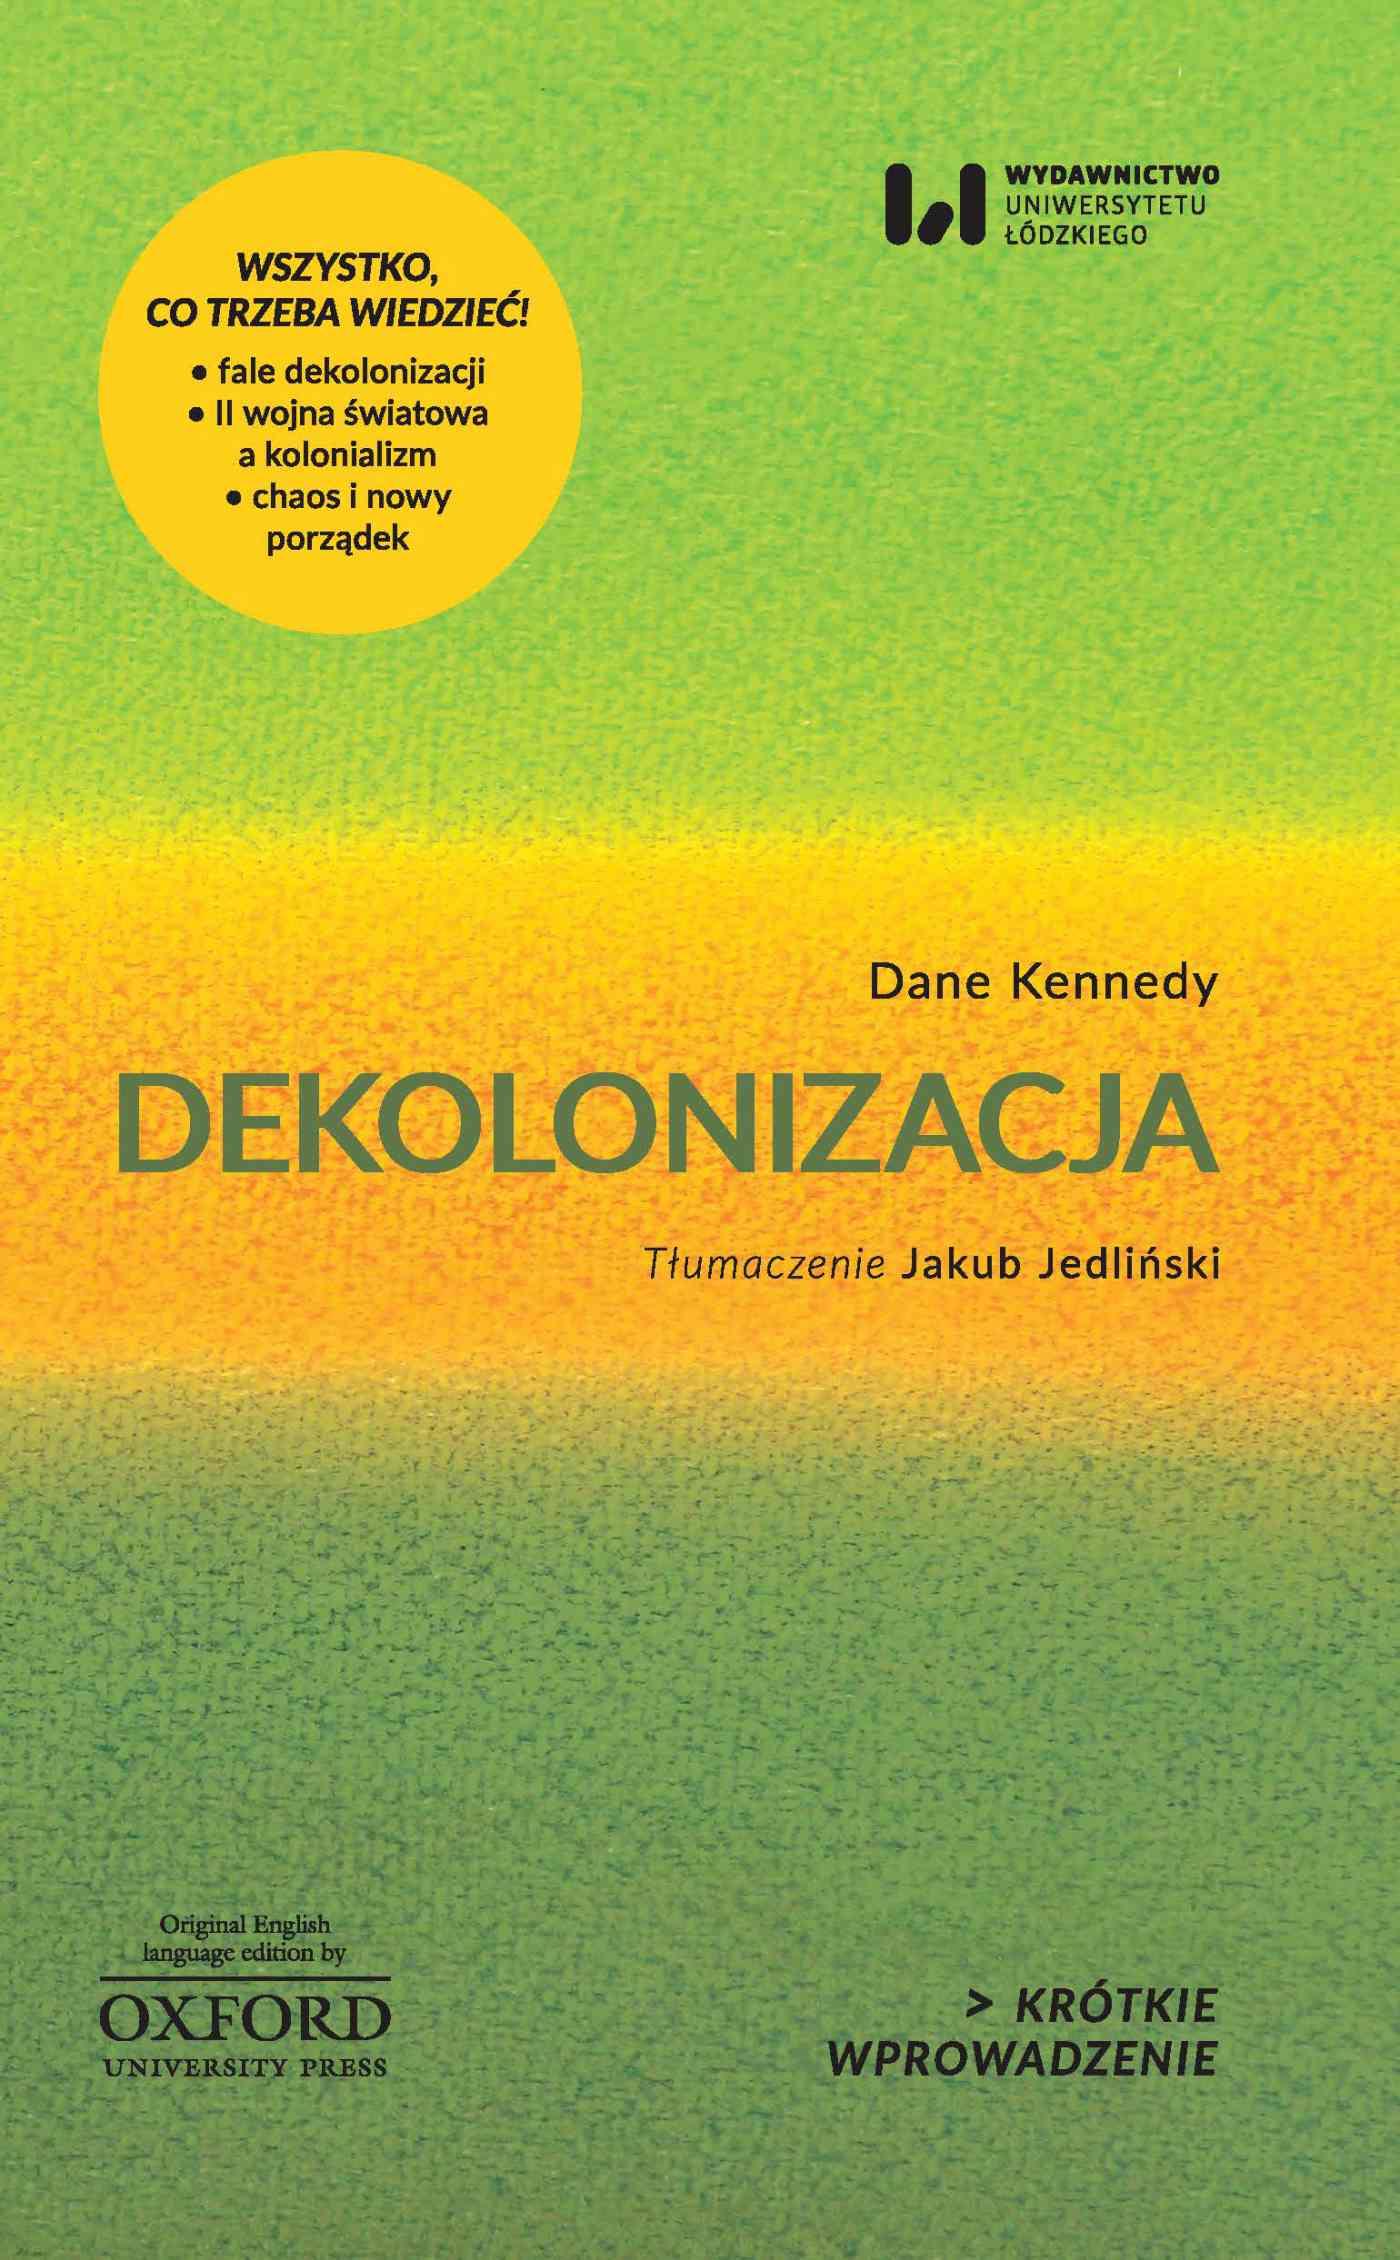 Dekolonizacja. Krótkie wprowadzenie 3 - Ebook (Książka na Kindle) do pobrania w formacie MOBI